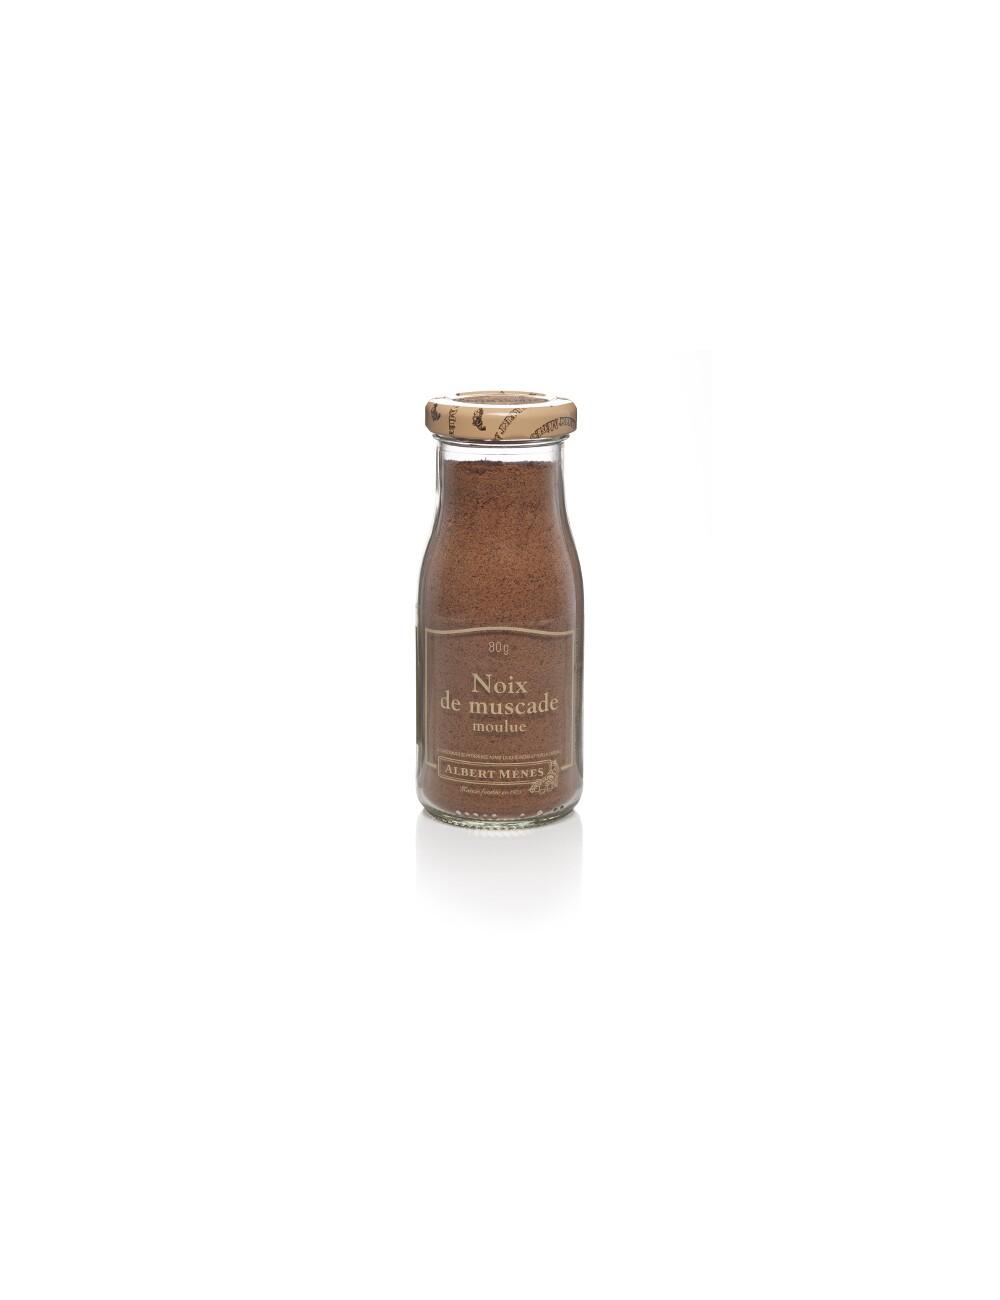 Noix de Muscade Moulue 80 g